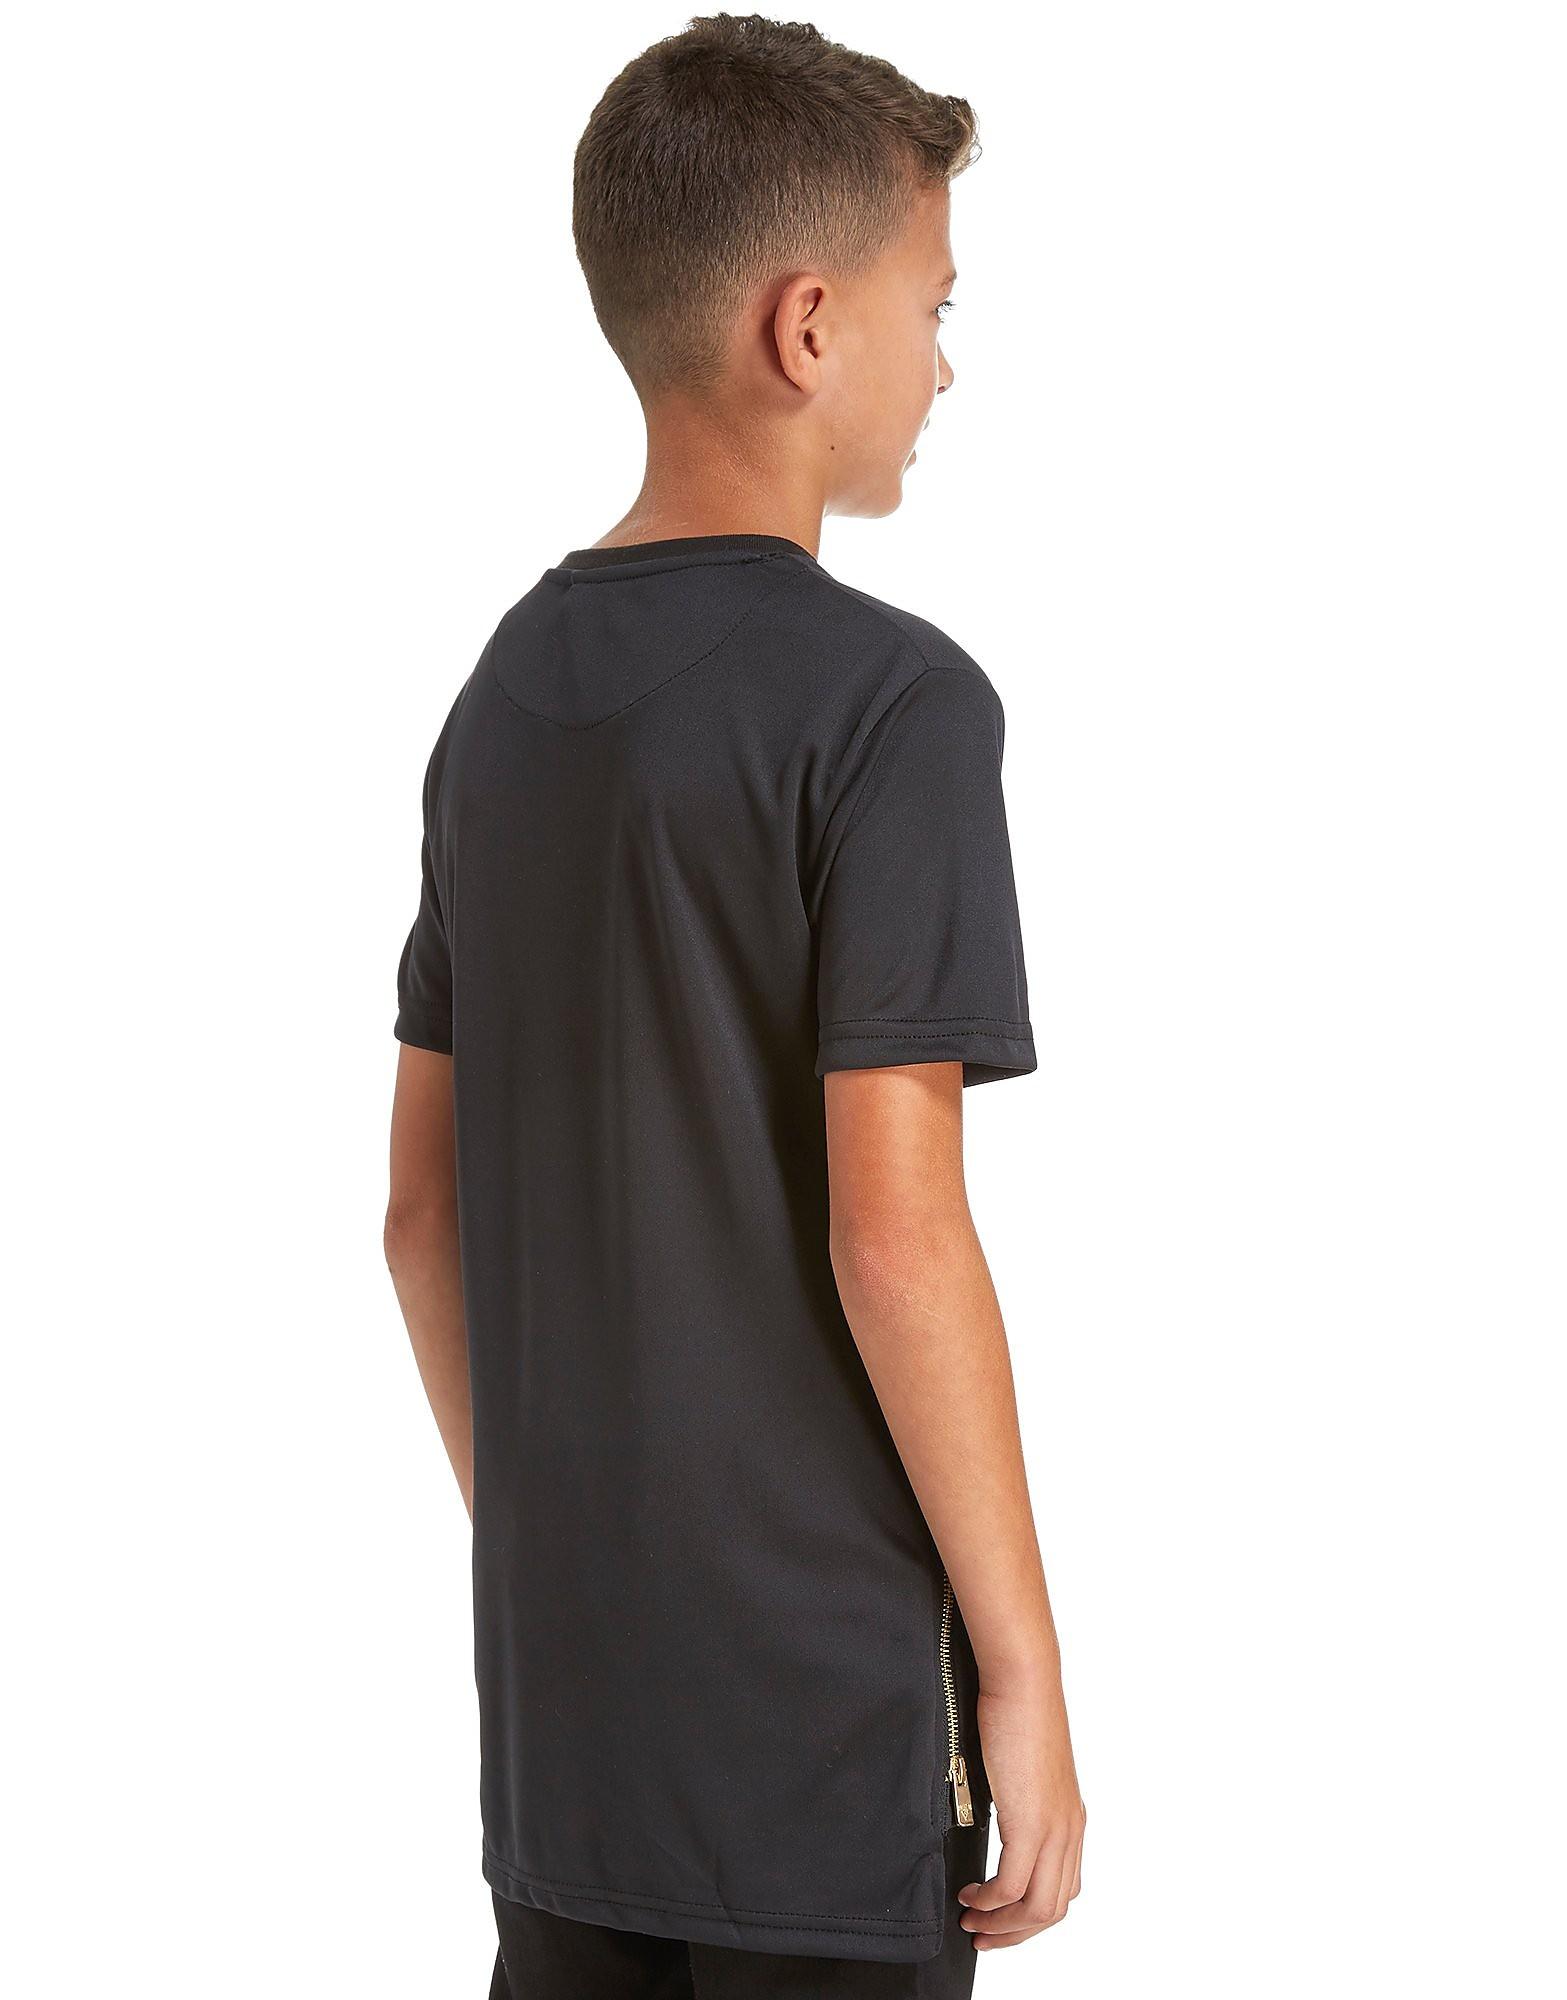 Sonneti Blingtastic T-Shirt